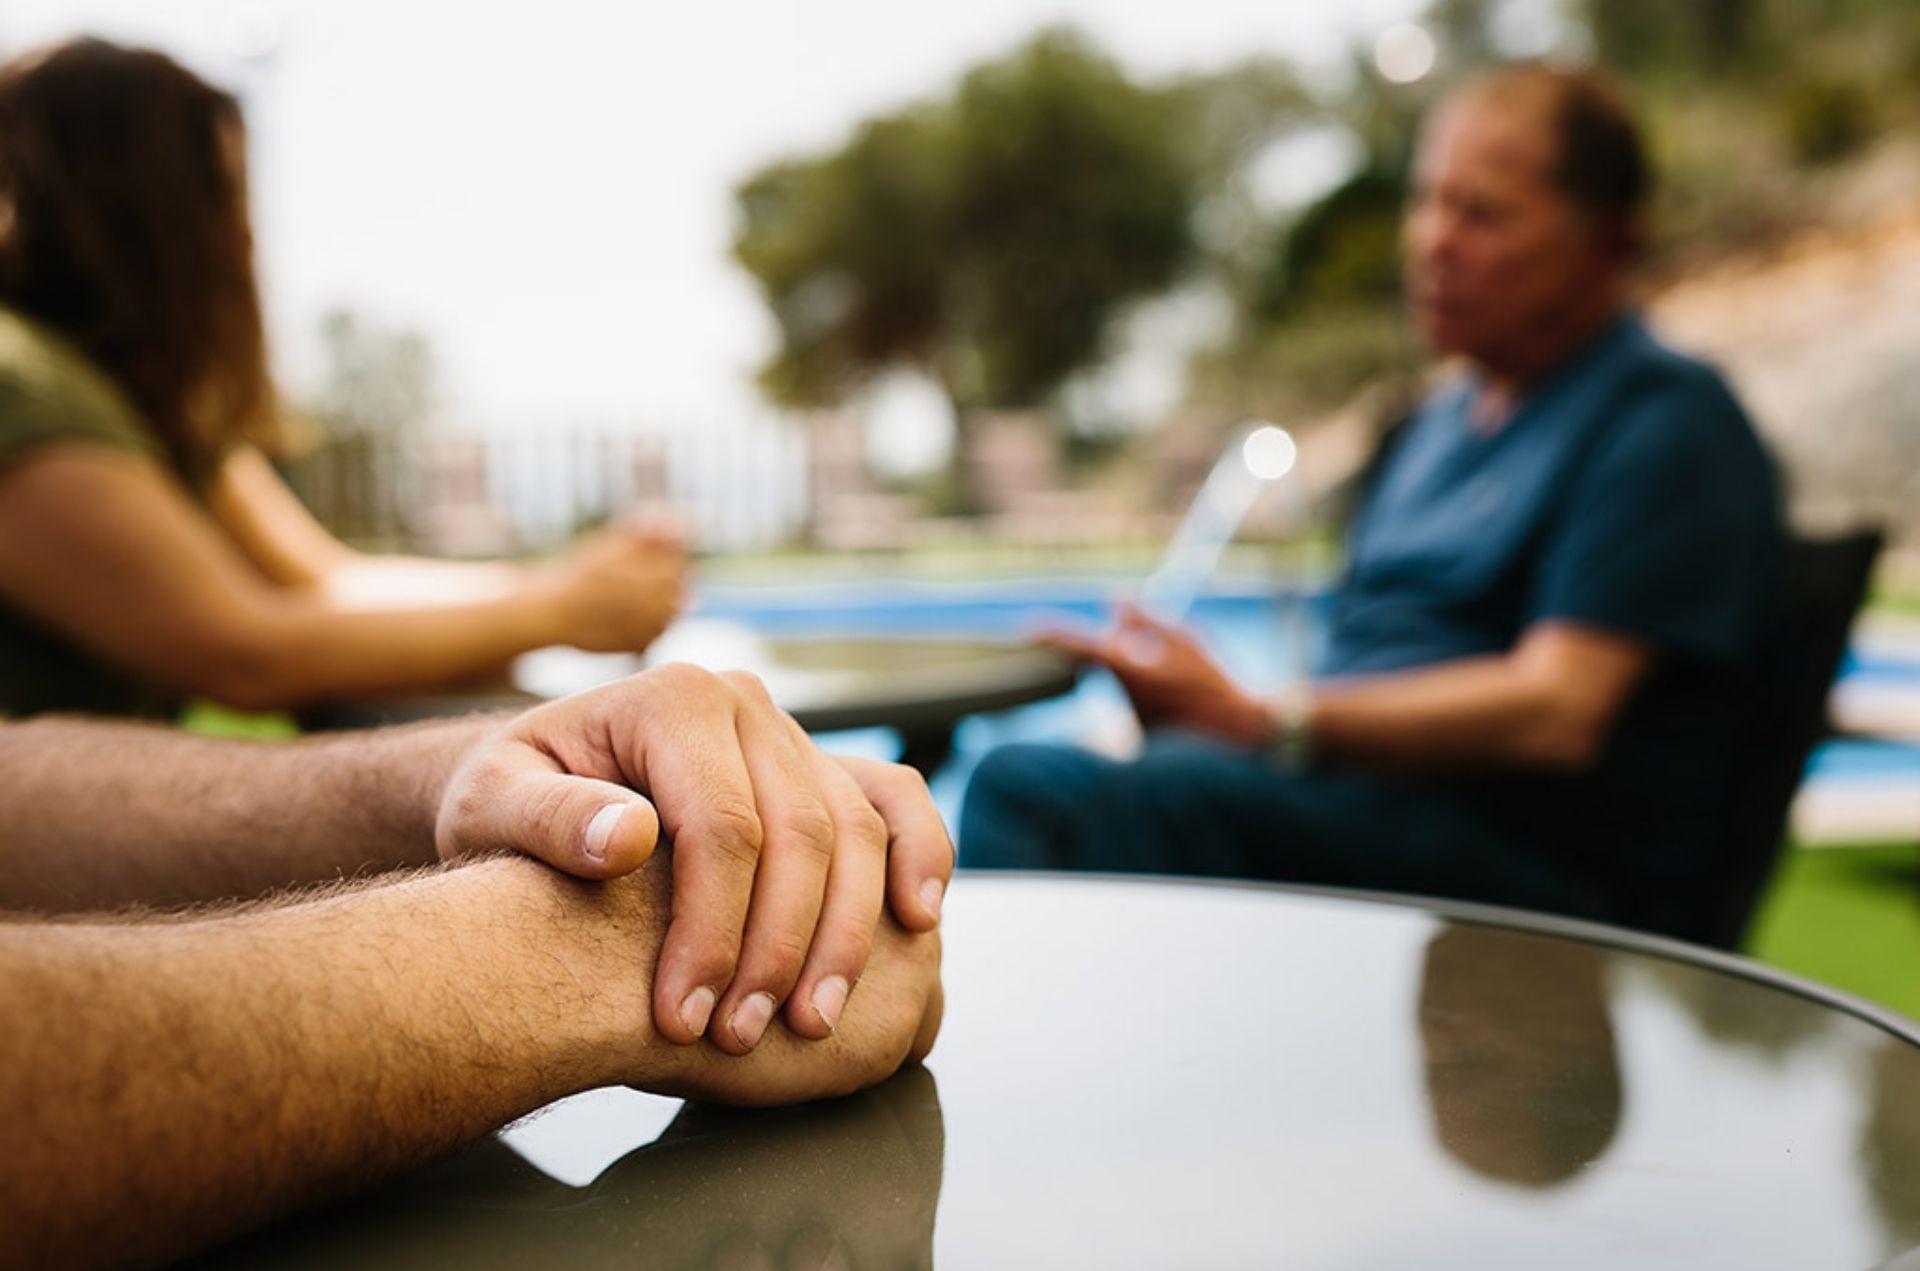 Ingresar En Un Centro De Desintoxicación De Drogas Es Una Muy Buena Opción Para Iniciar Un Proceso De Rehabilitación.